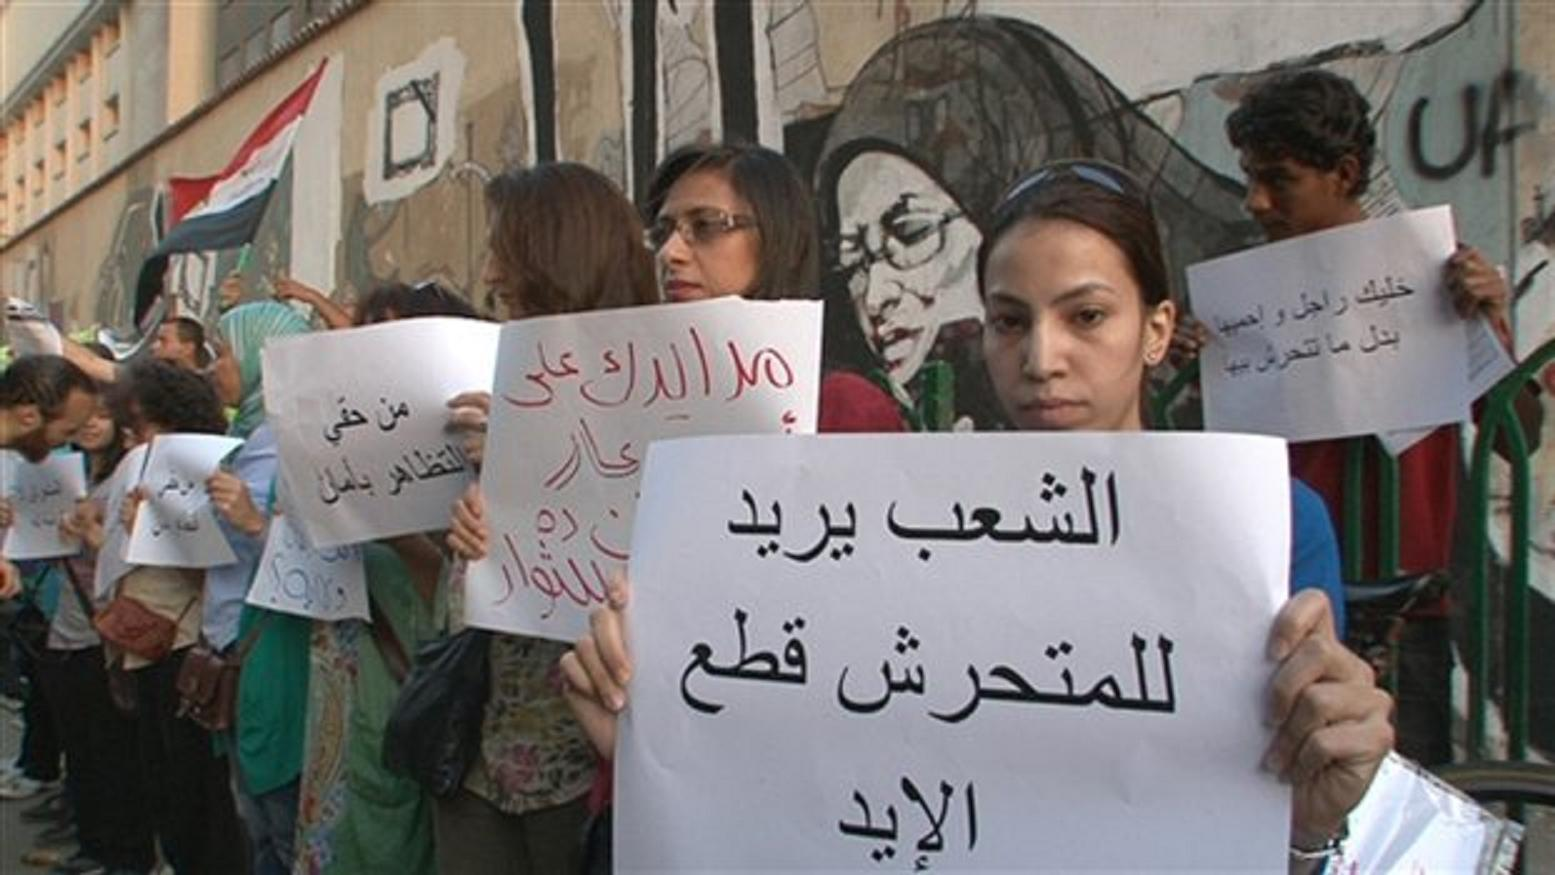 Αιγύπτιες διαδηλώνουν στο Κάιρο απαιτώντας να ληφθούν άμεσα μέτρα εναντίον των επιθέσεων γυναικών με δράστες άντρες που εκμεταλλεύονται την πολυκοσμία των πολιτικών κινητοποιήσεων.